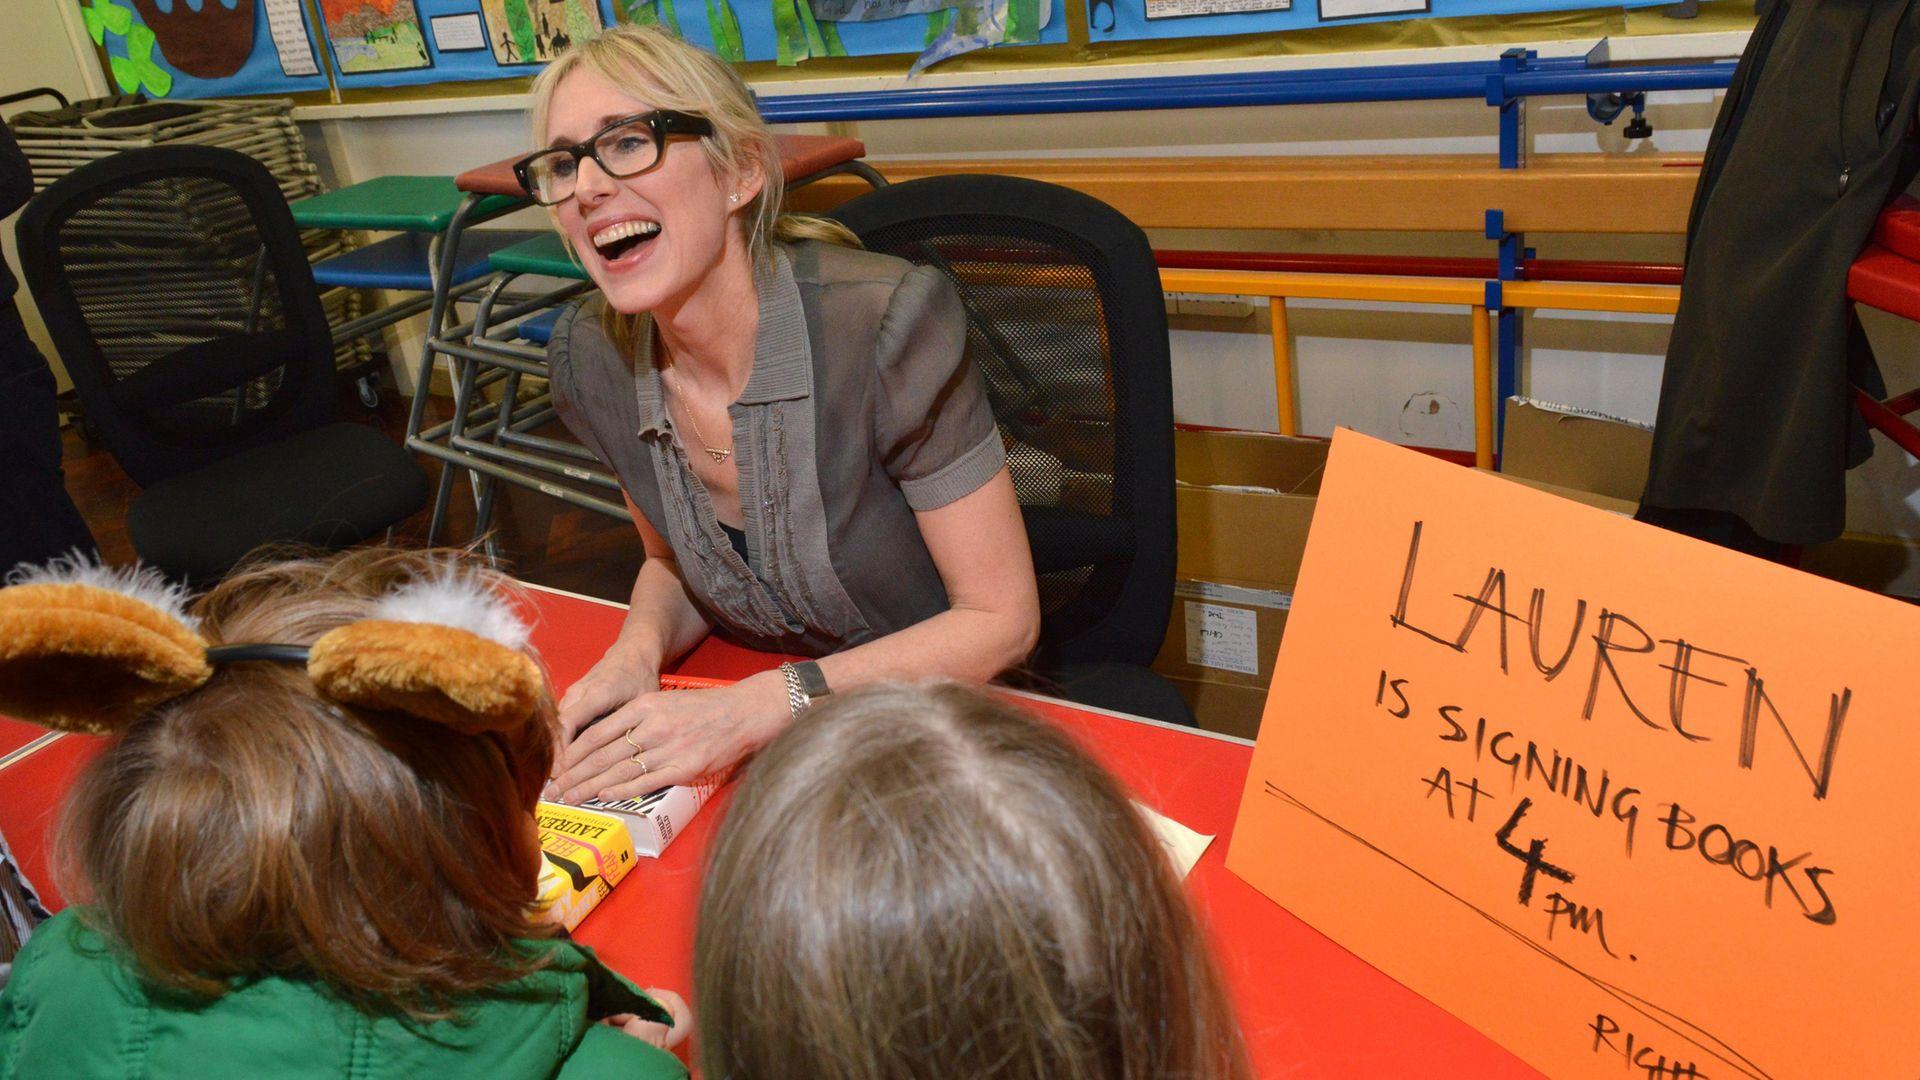 Author Lauren Child signs books. - Credit: Archant